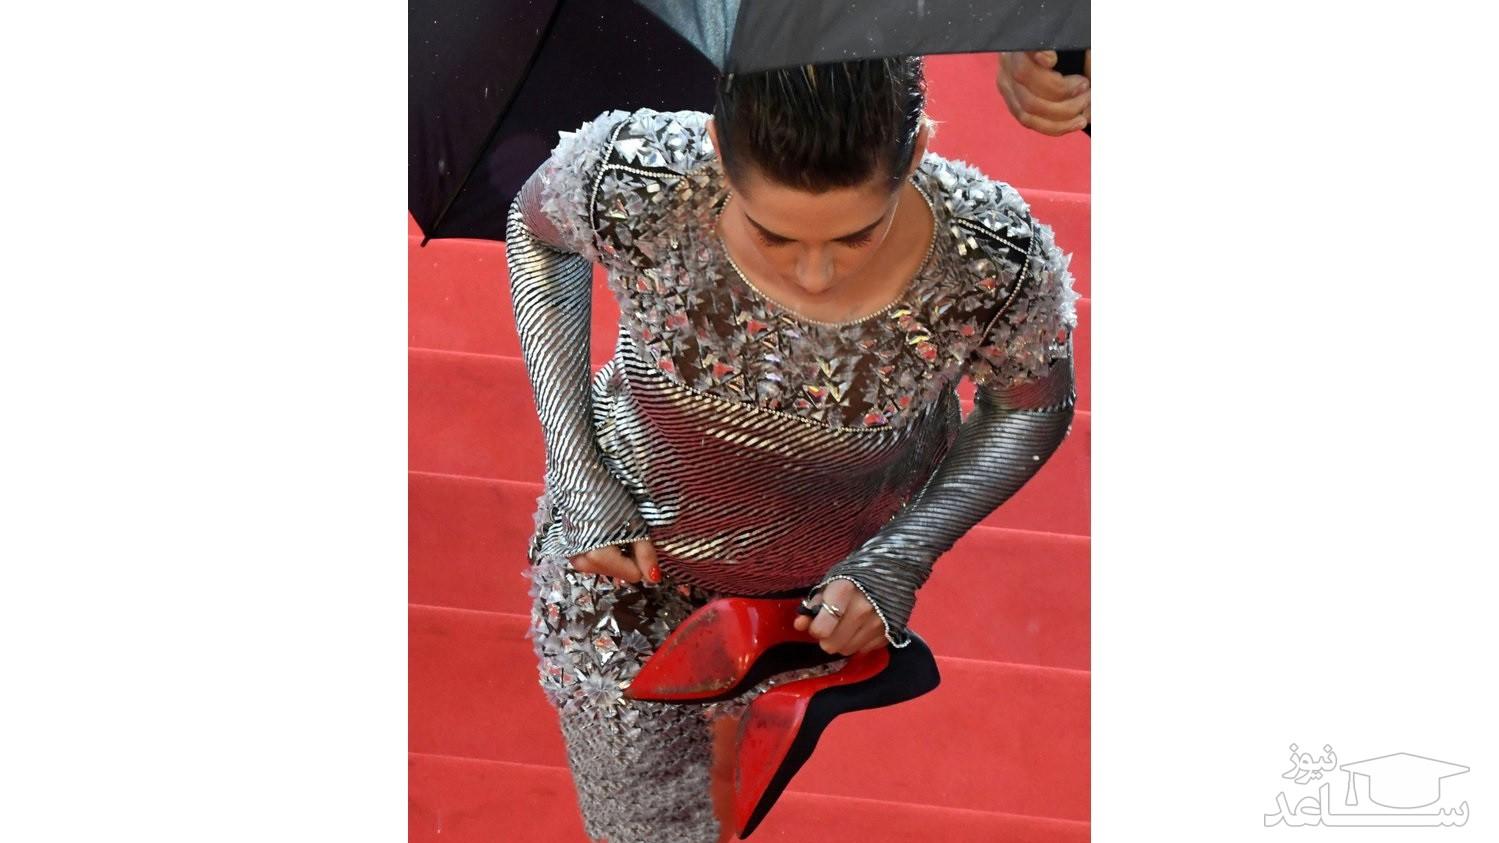 (عکس) اعتراض عجیب خانم بازیگر روی فرش قرمز کن!